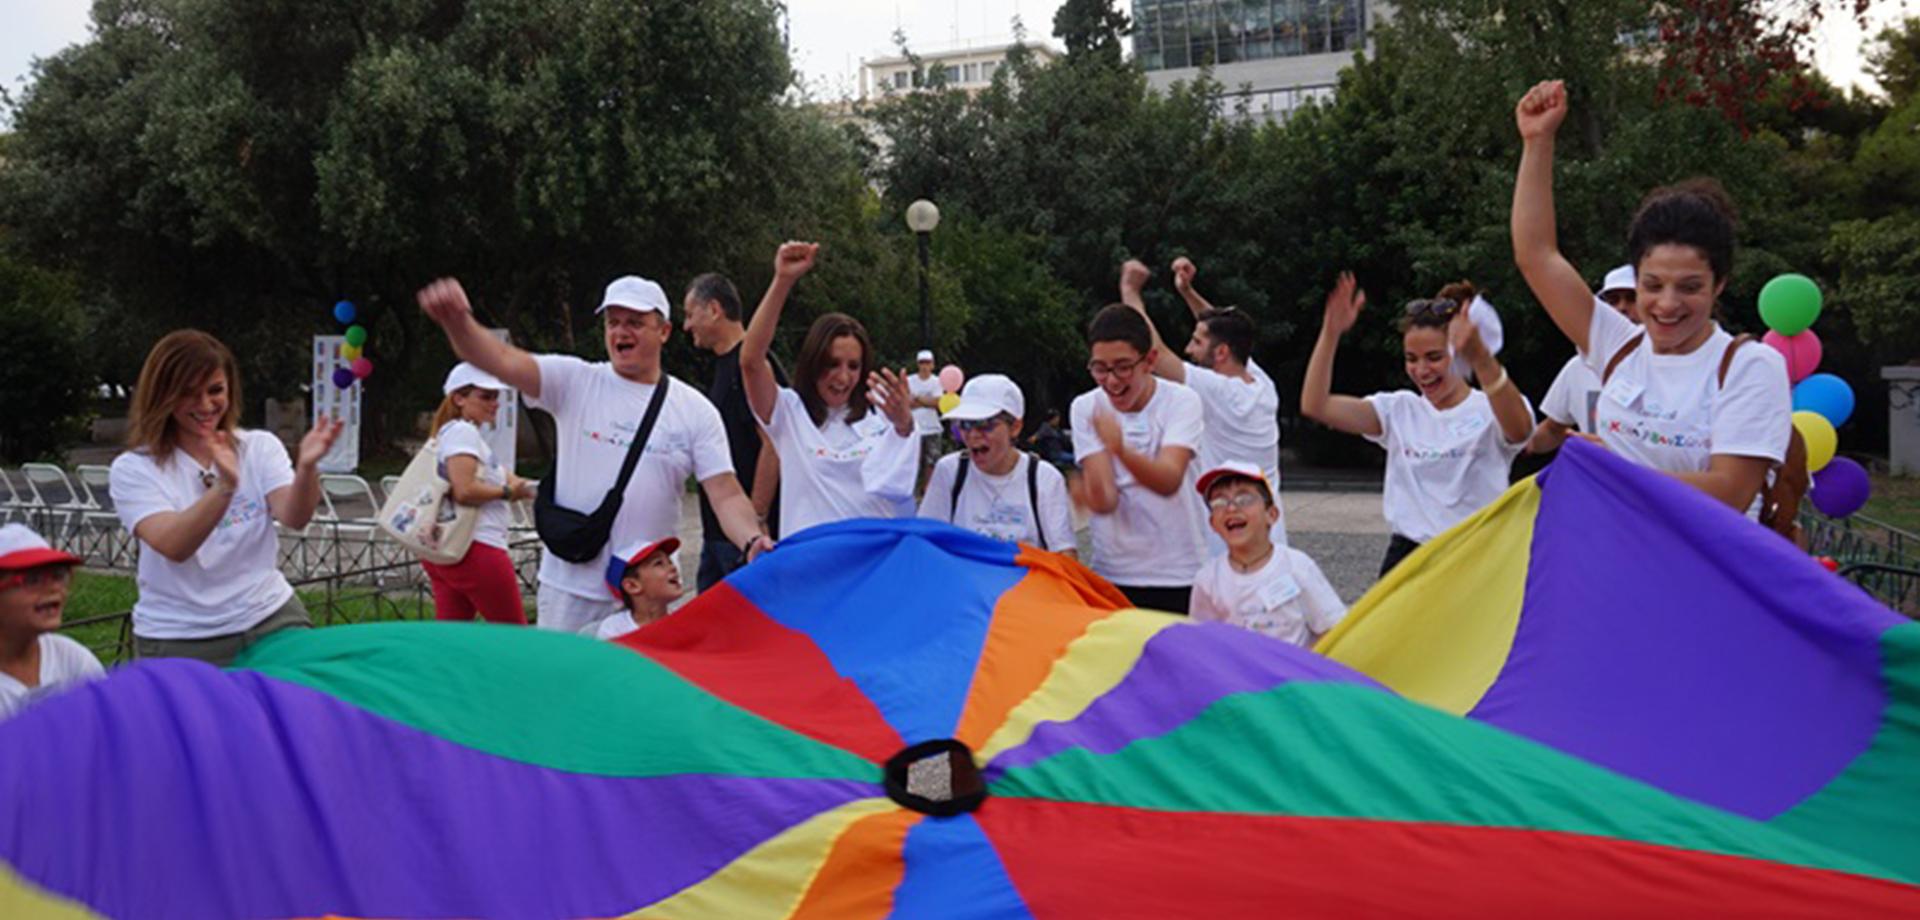 Οι «Μικροί Ροβινσώνες» ταξιδεύουν στην Αθήνα!